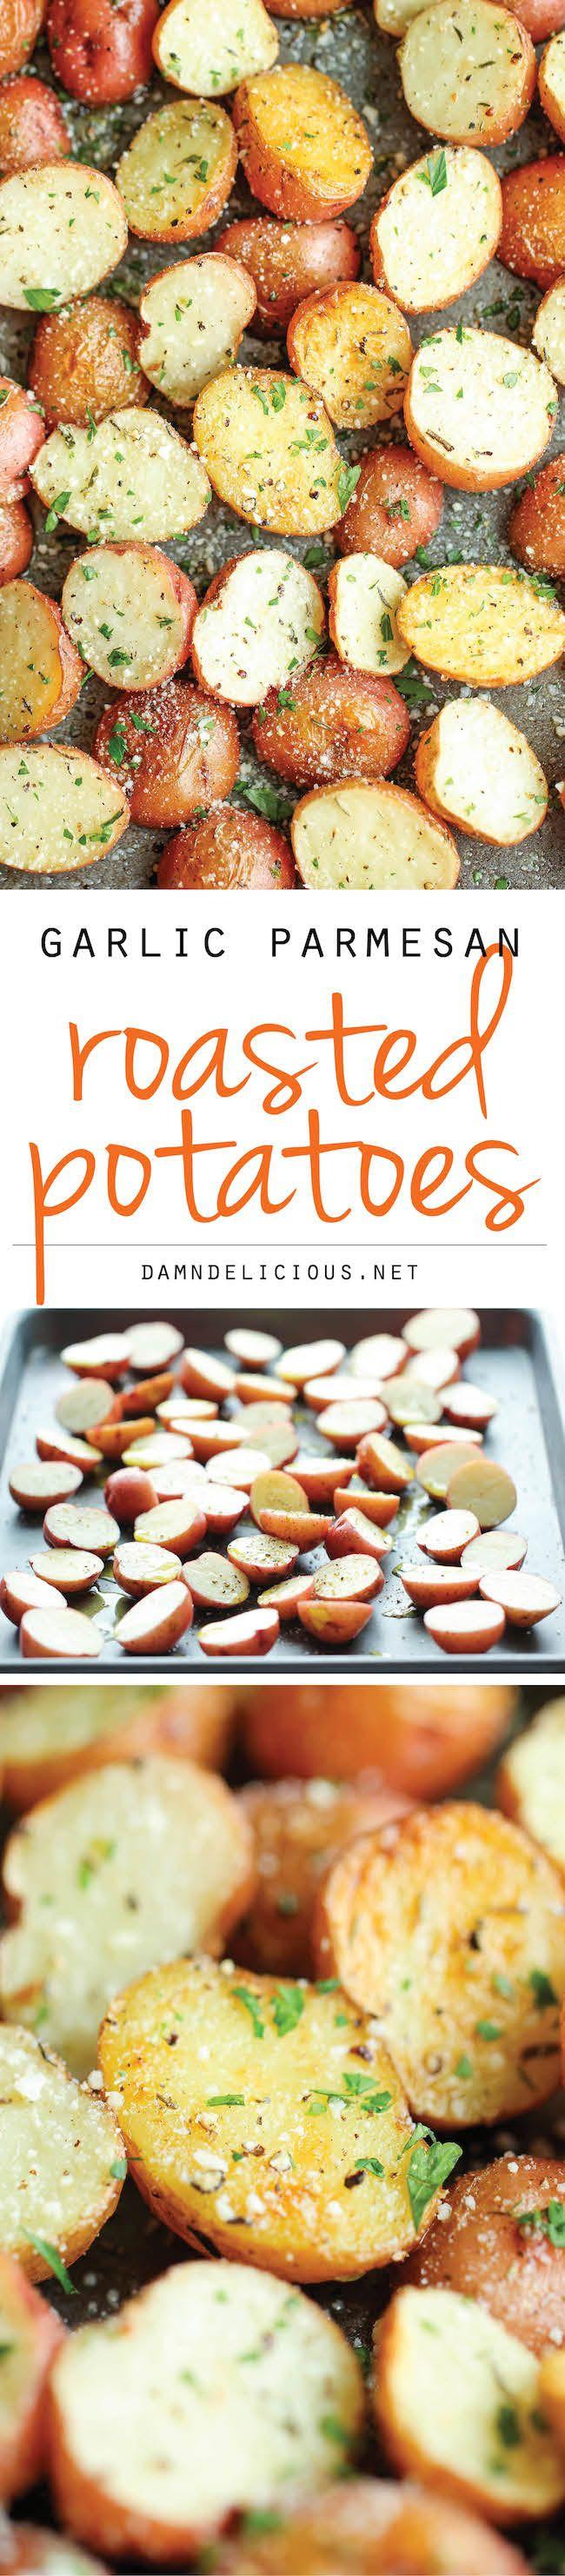 Garlic Parmesan Roasted Potatoes | Recipe